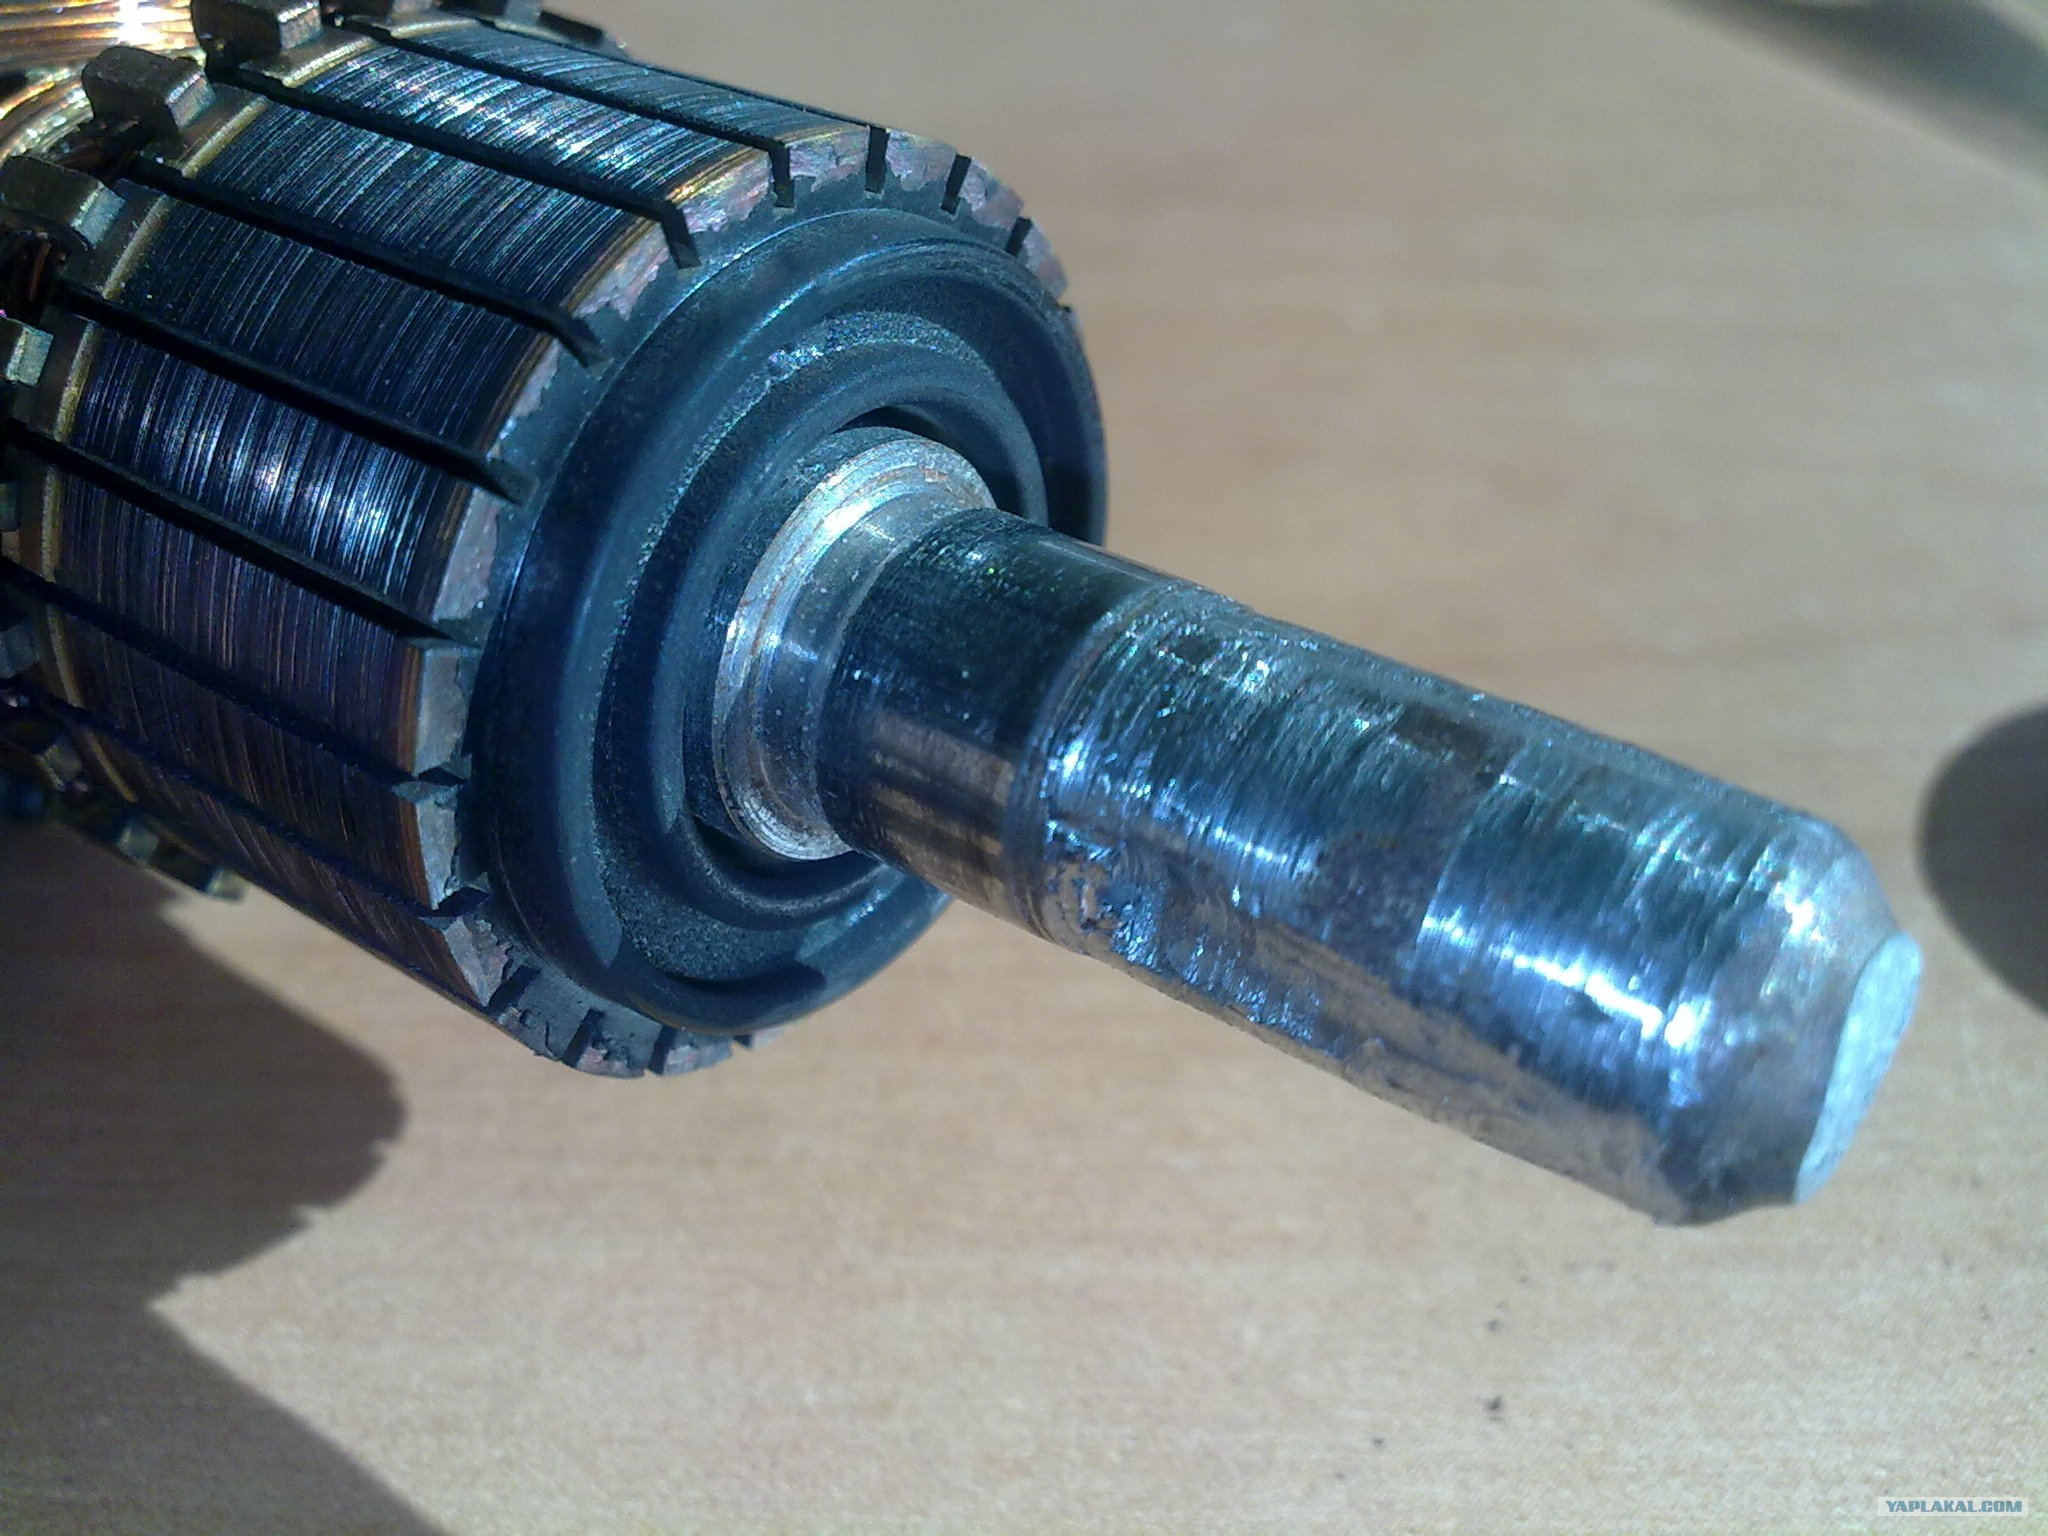 Замена подшипника в двигателе в пылесосе самсунг своими руками